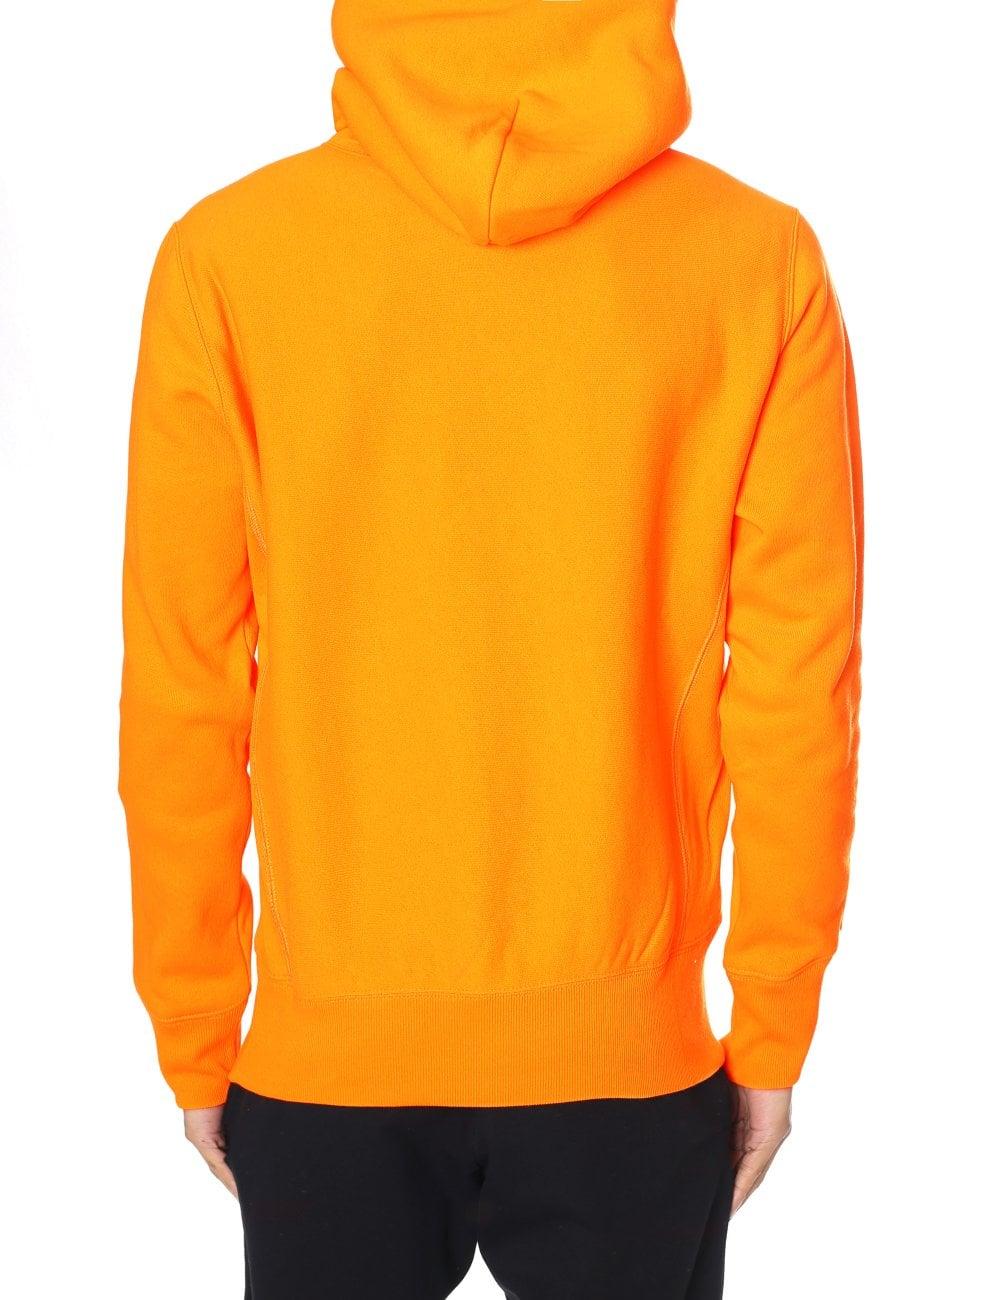 28b9a30ee Champion Yellow Sweatshirt Uk